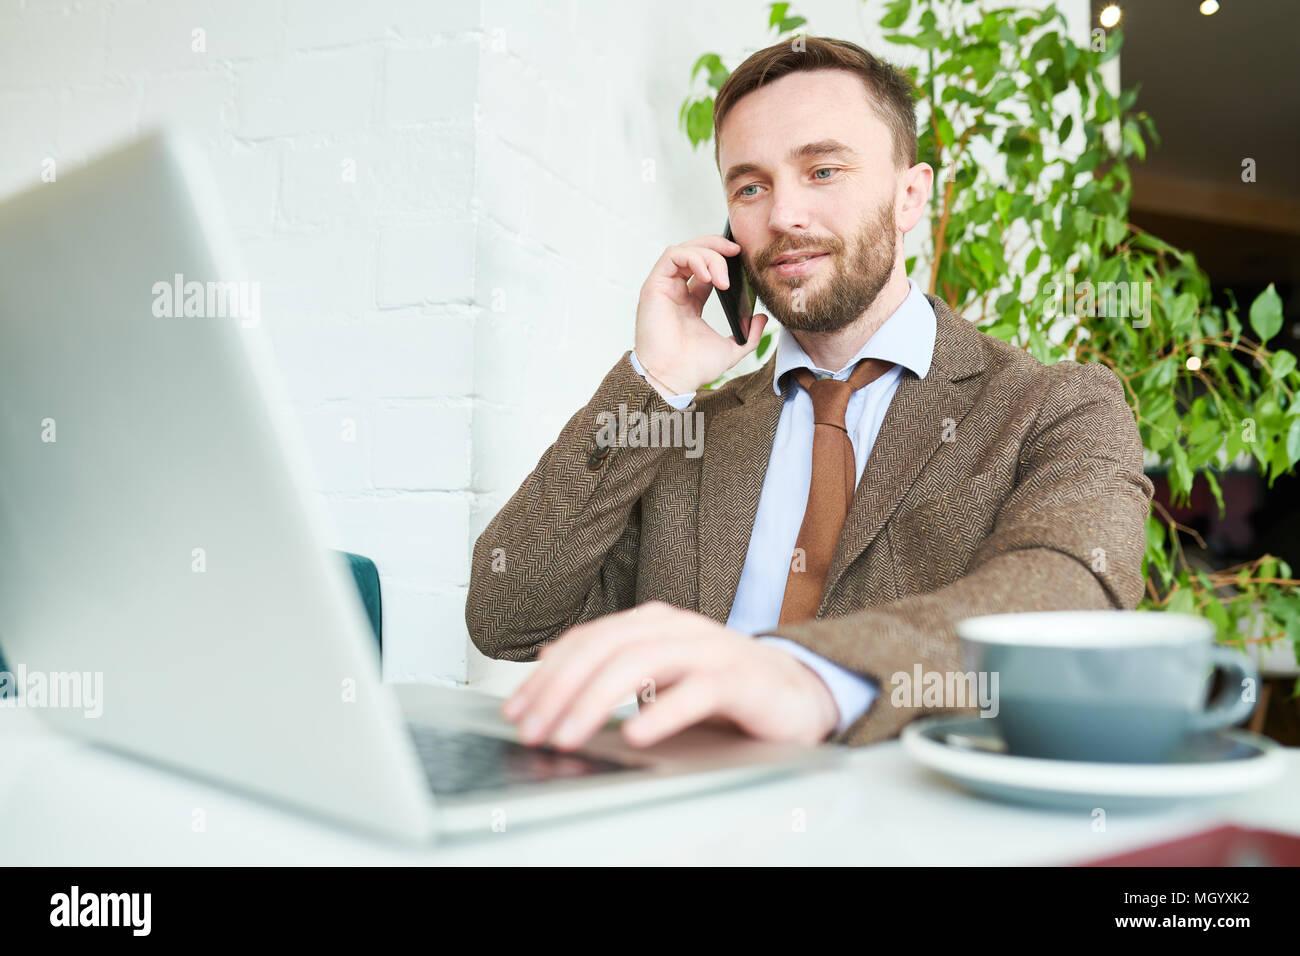 Imprenditore bello parlare per telefono Immagini Stock